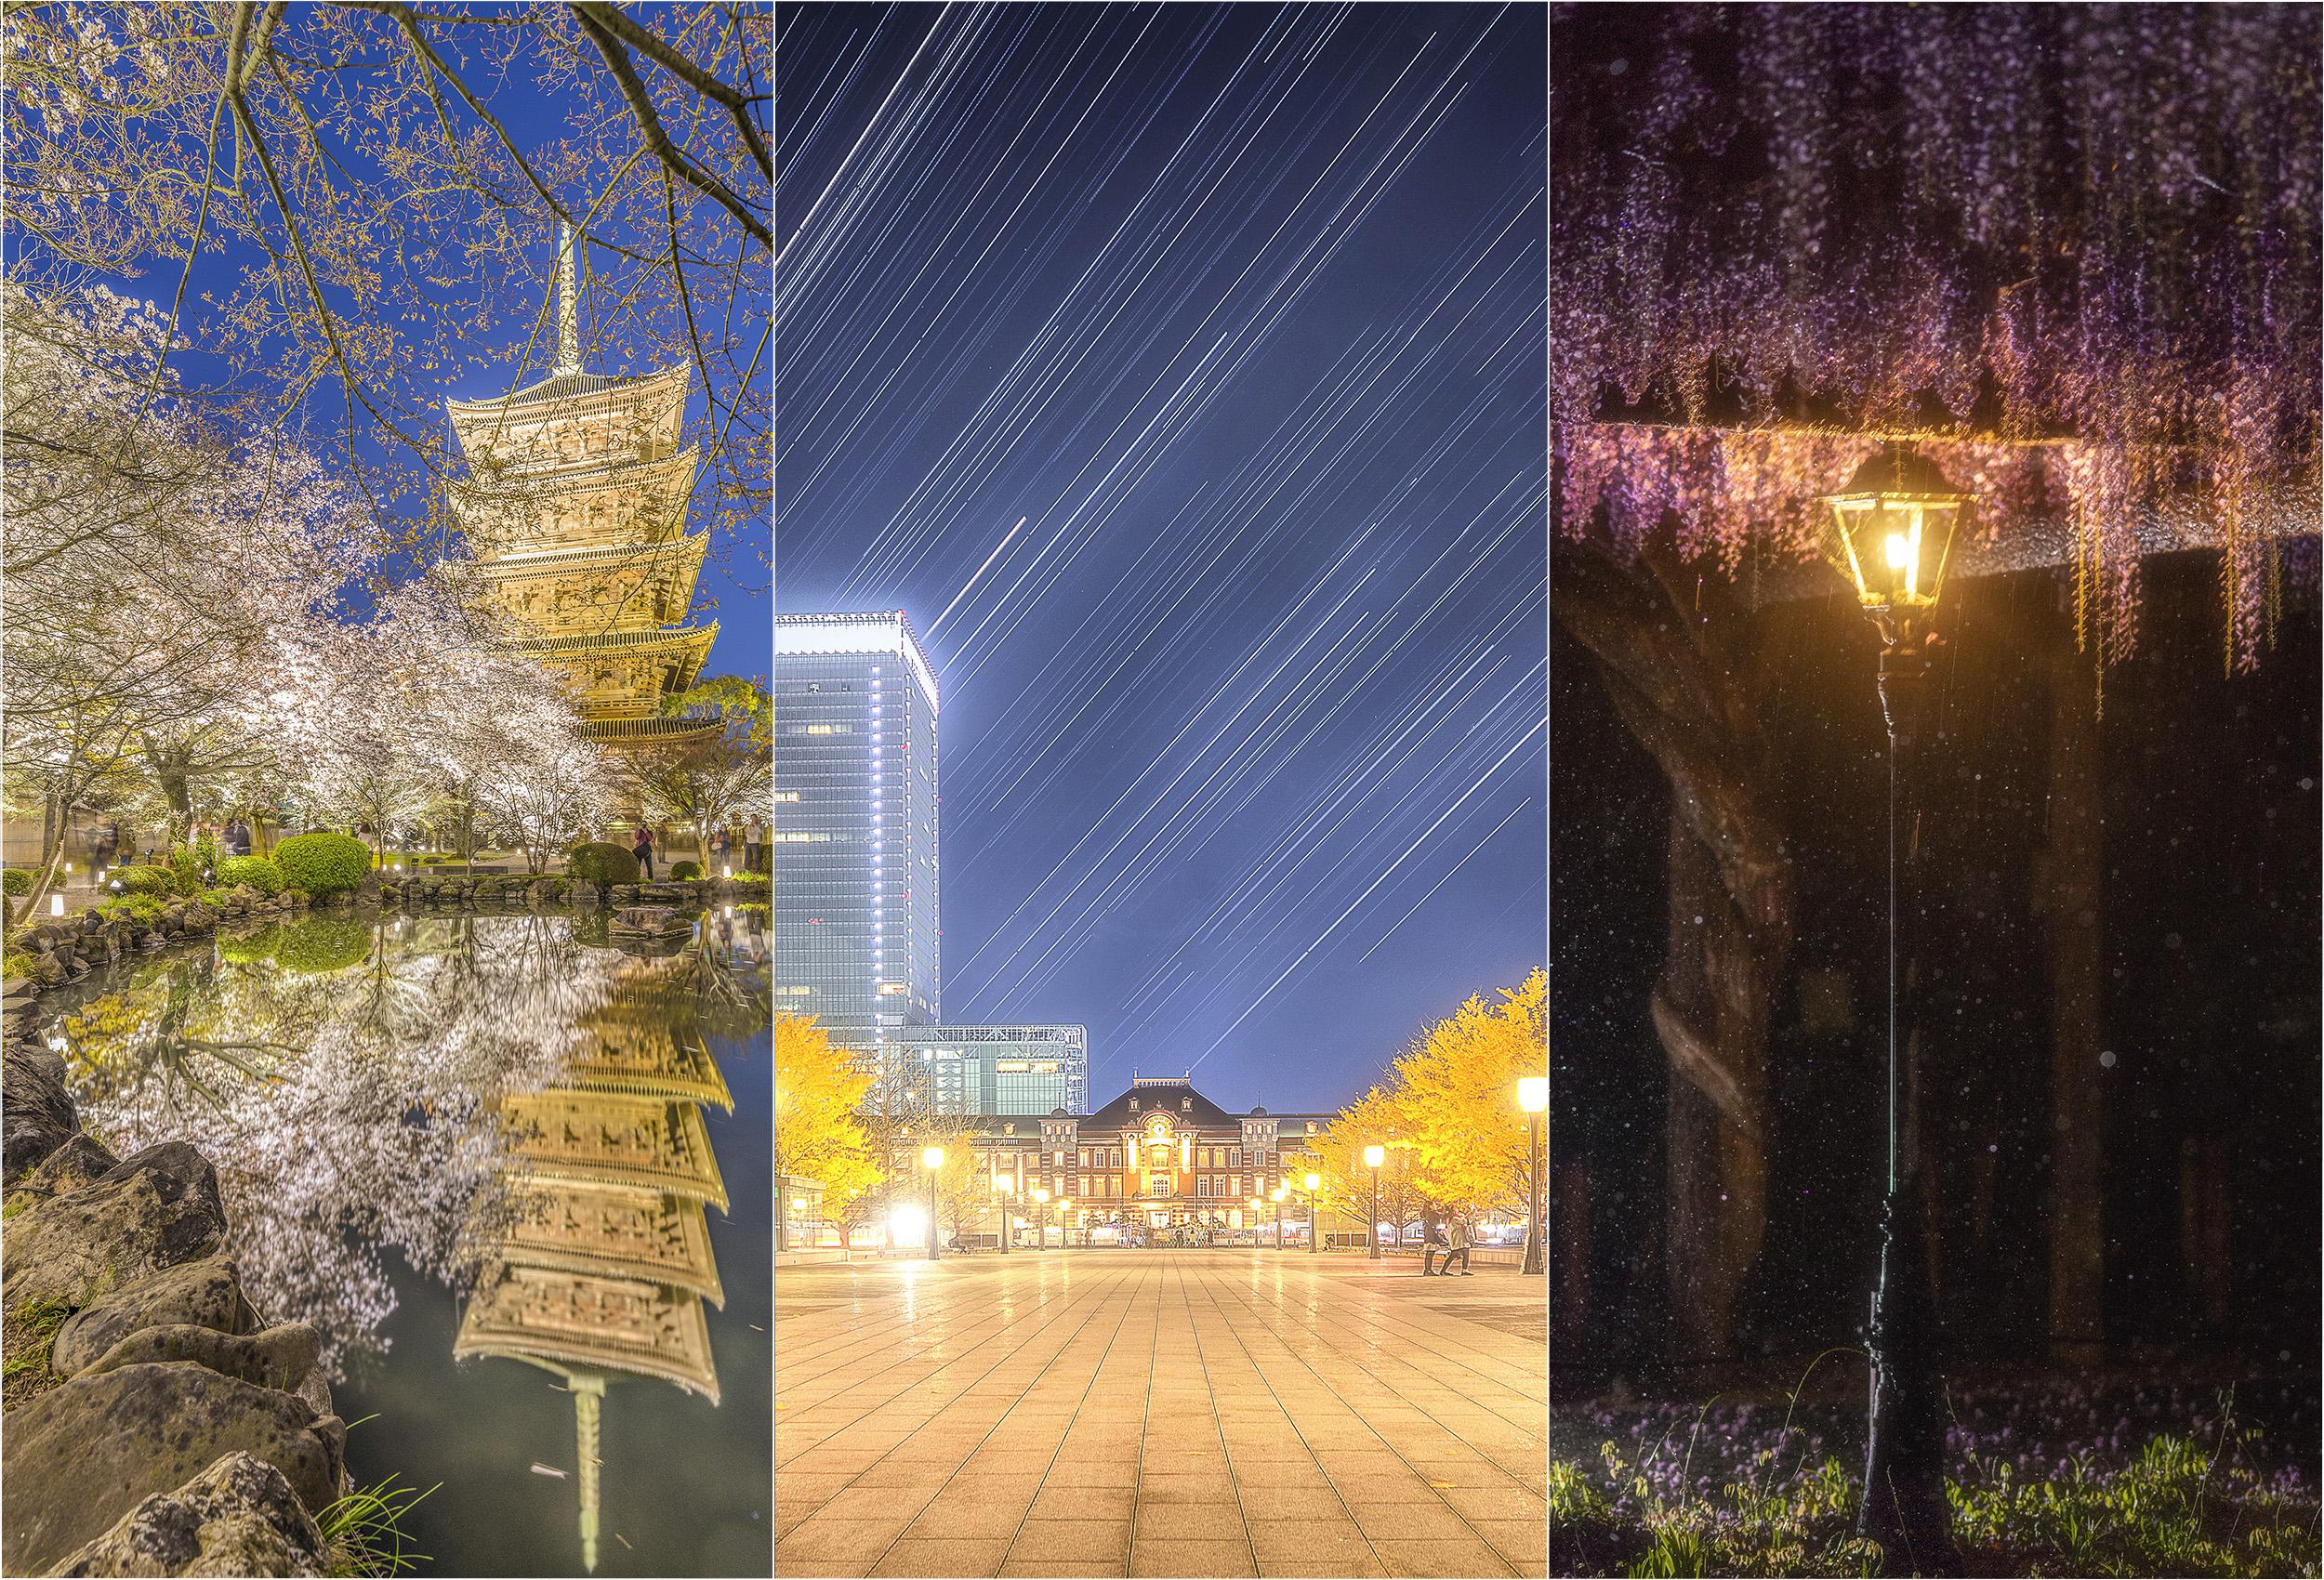 Japan - Aichi / Gifu / Kyoto / Tokyo / Etc